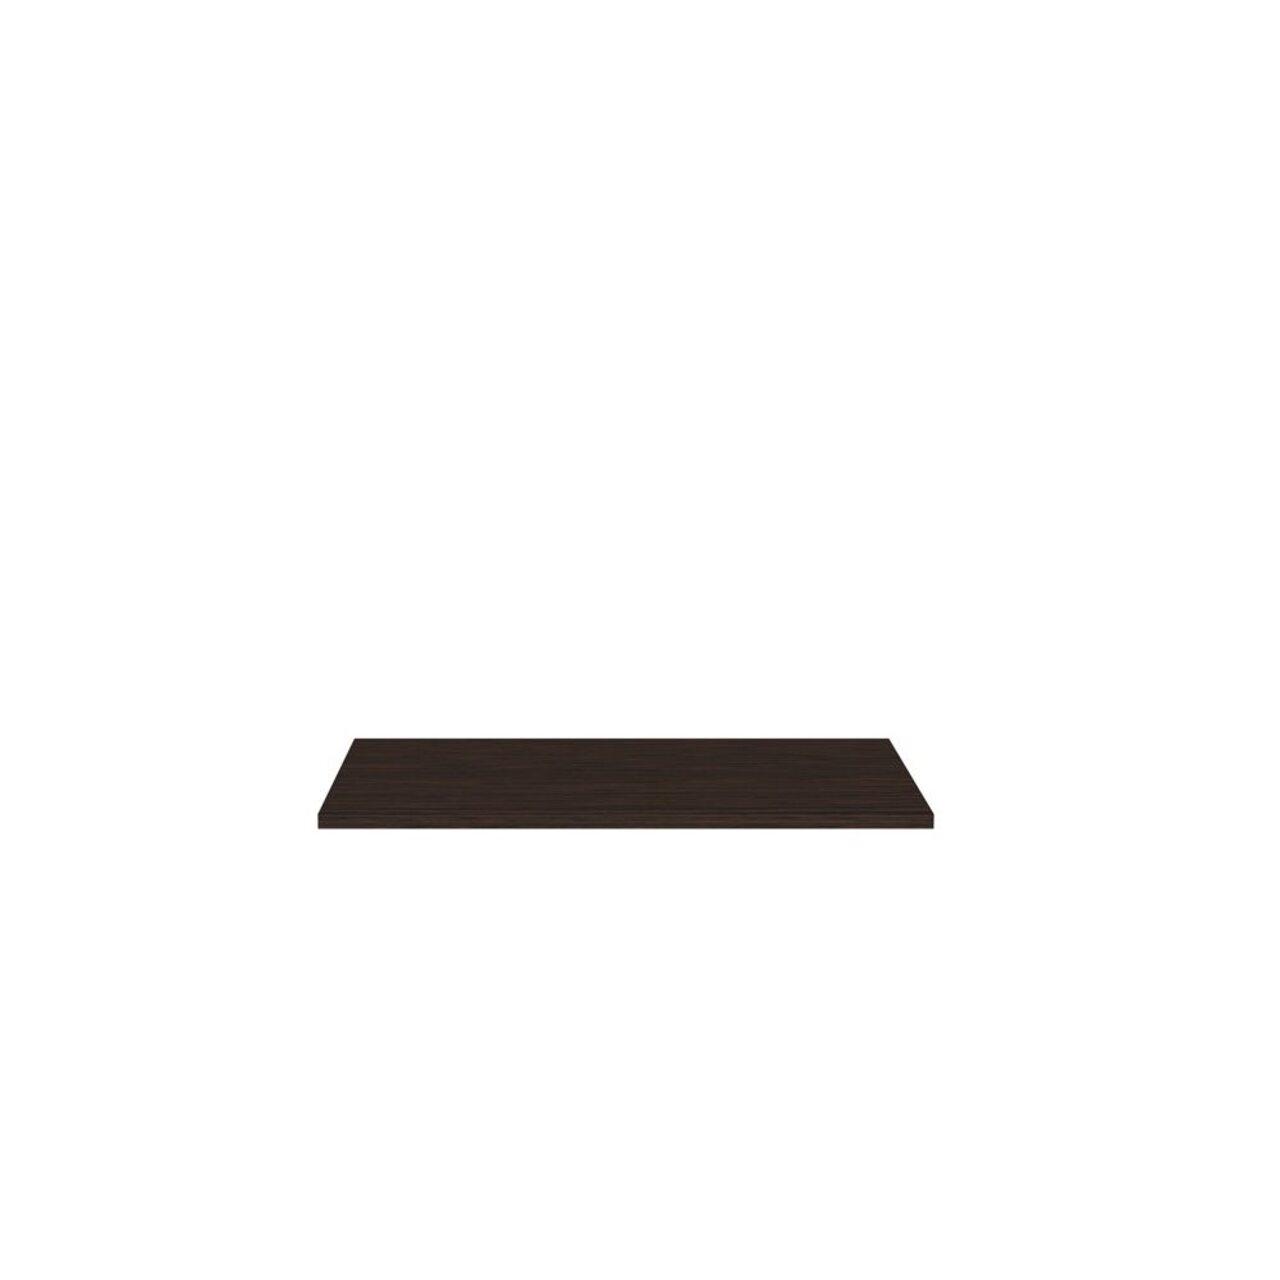 Топ декоративный для стеллажей  Бонд 132x46x4 - фото 3